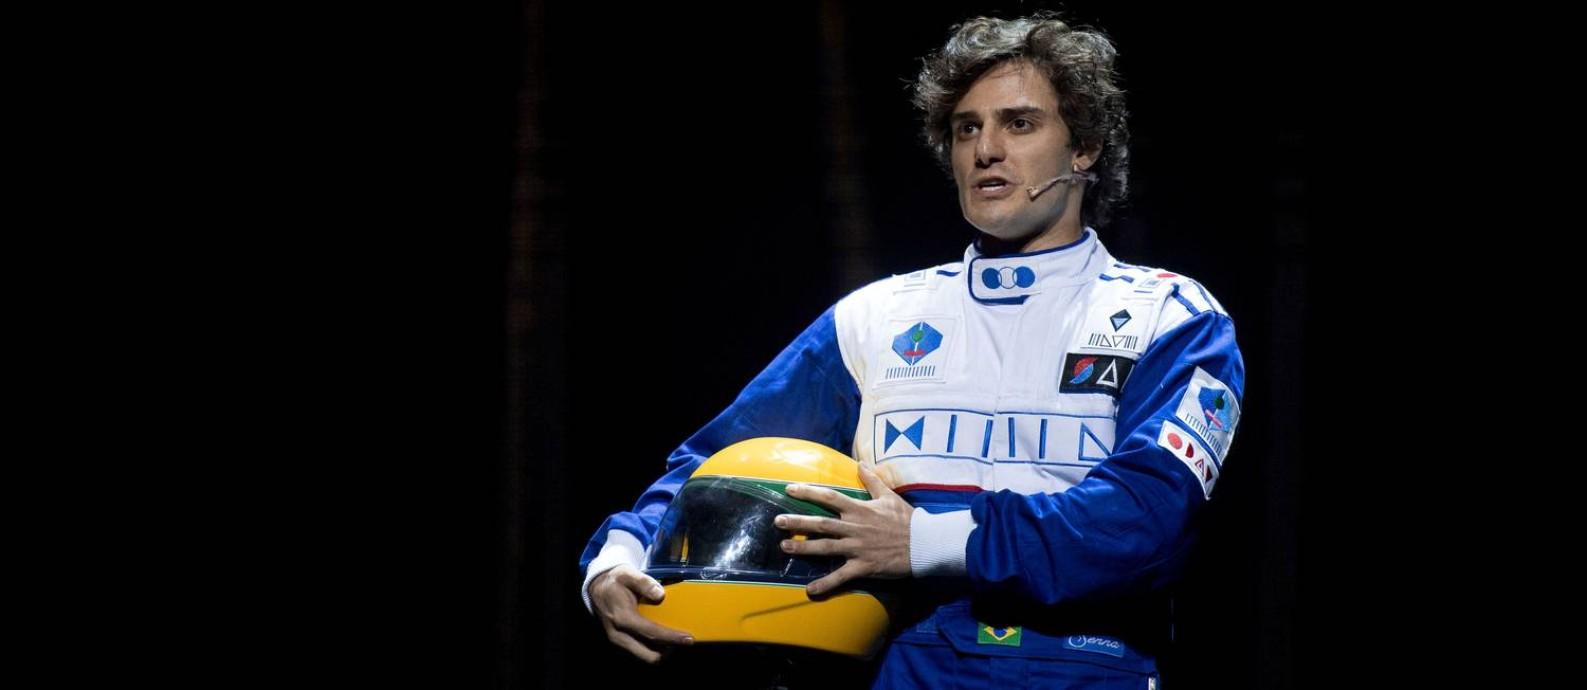 O ator Hugo Bonemer interpreta o protagonista em 'Ayrton Senna, o musical' Foto: MAURO PIMENTEL / AFP